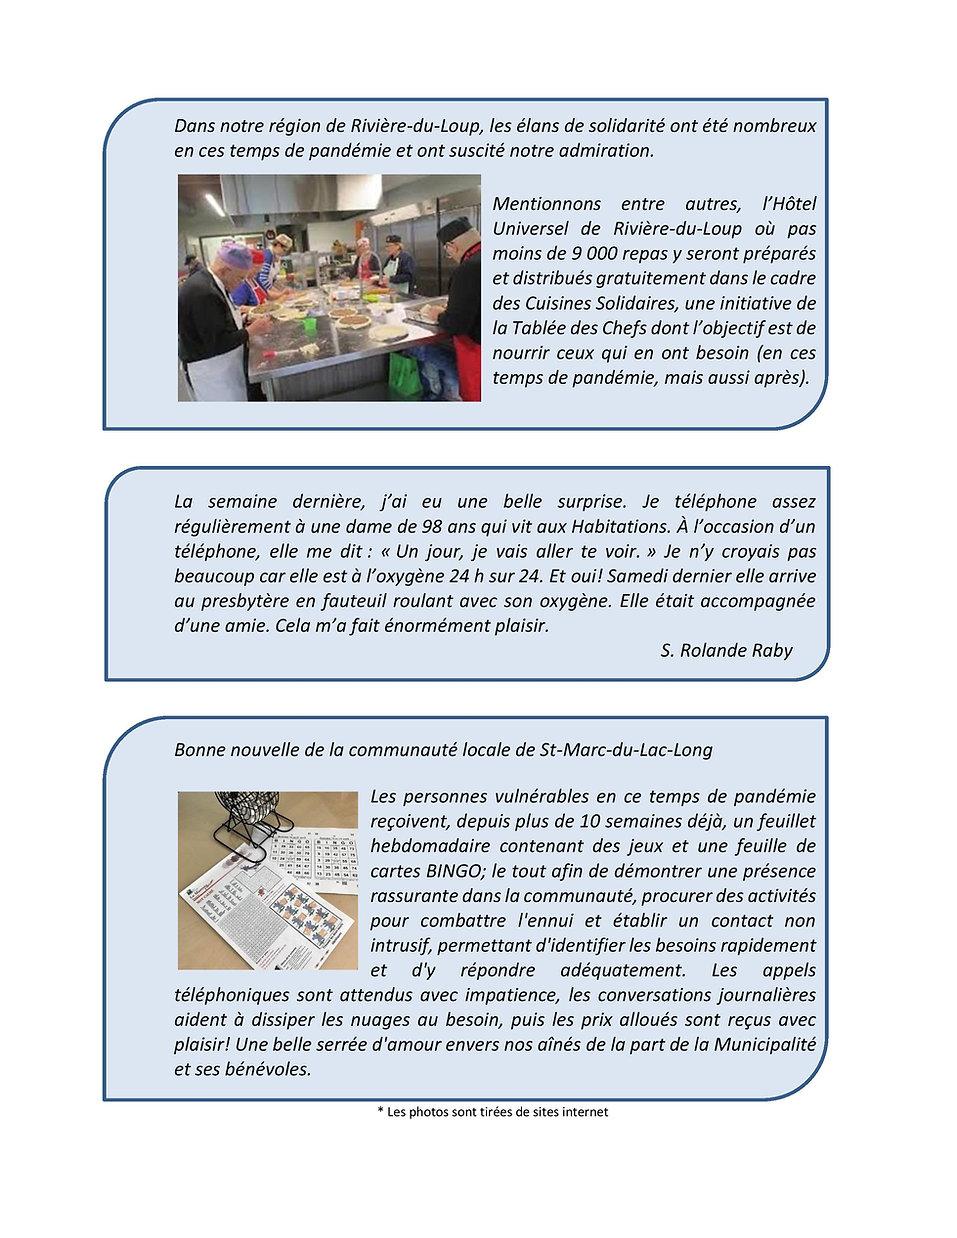 BONNES_NOUVELLES_et_pandémie_(2e_partie